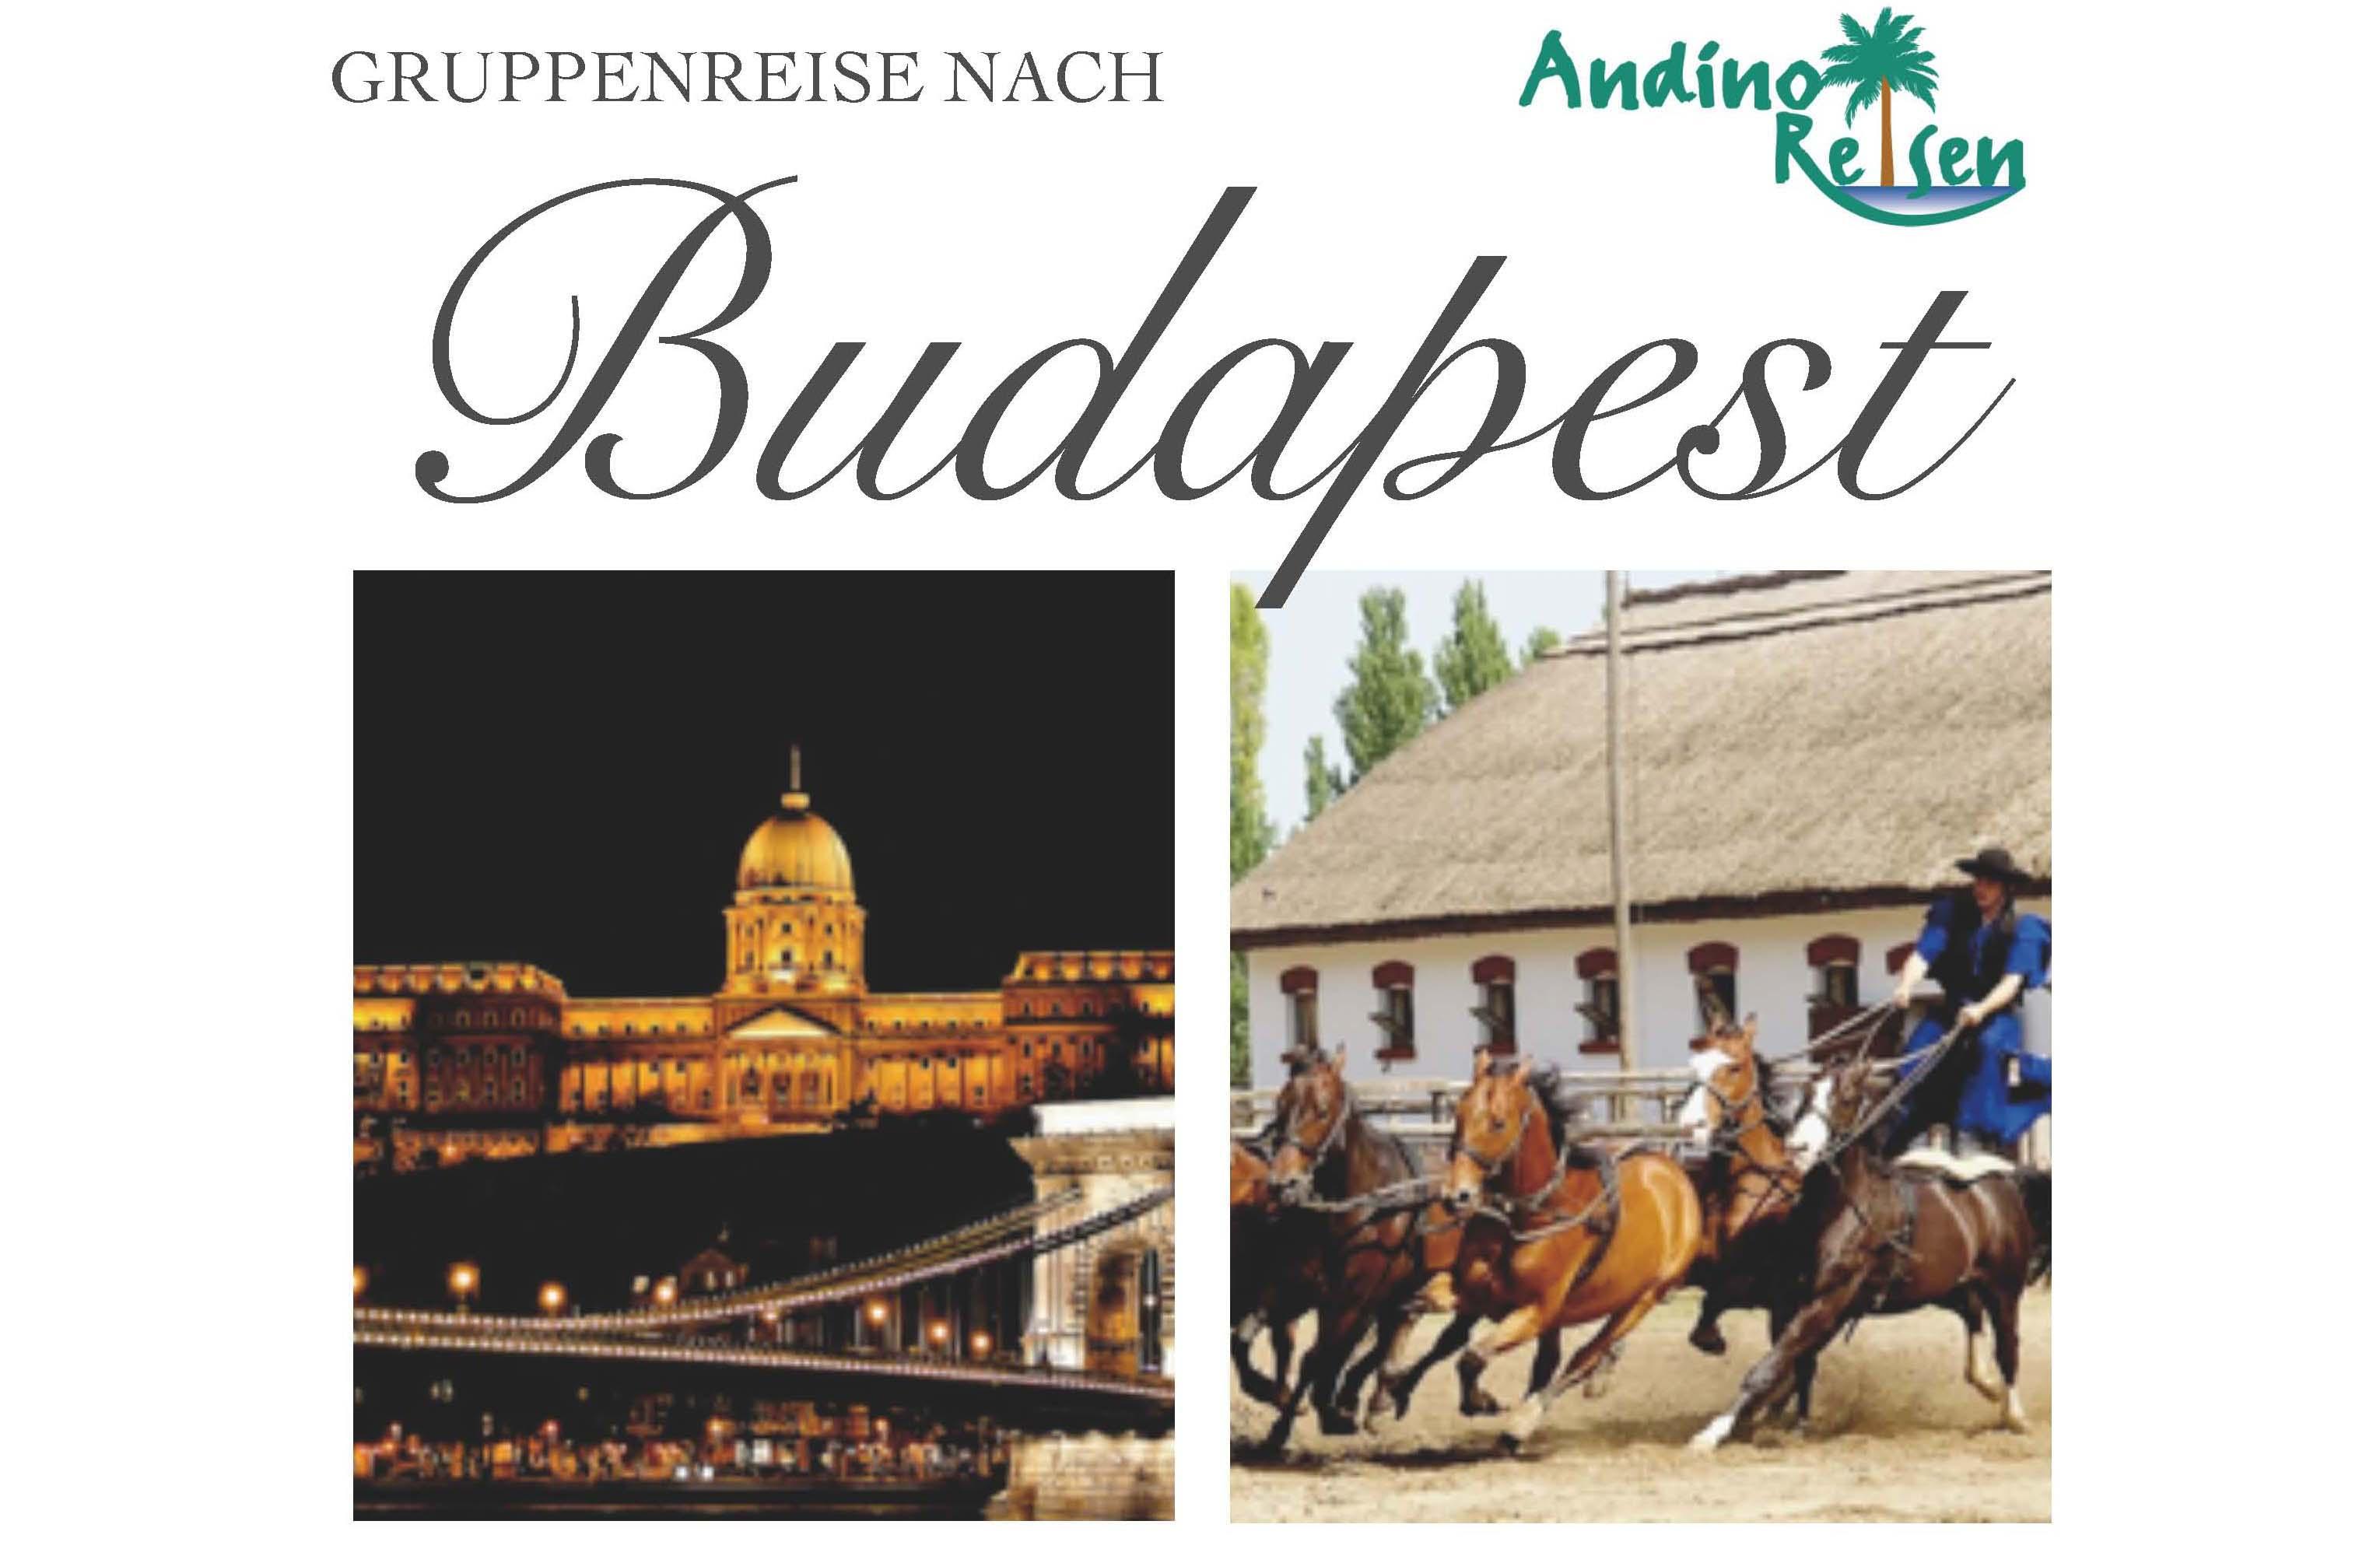 einladung reise nach budapest | gewerbeverein entfelden, Einladung